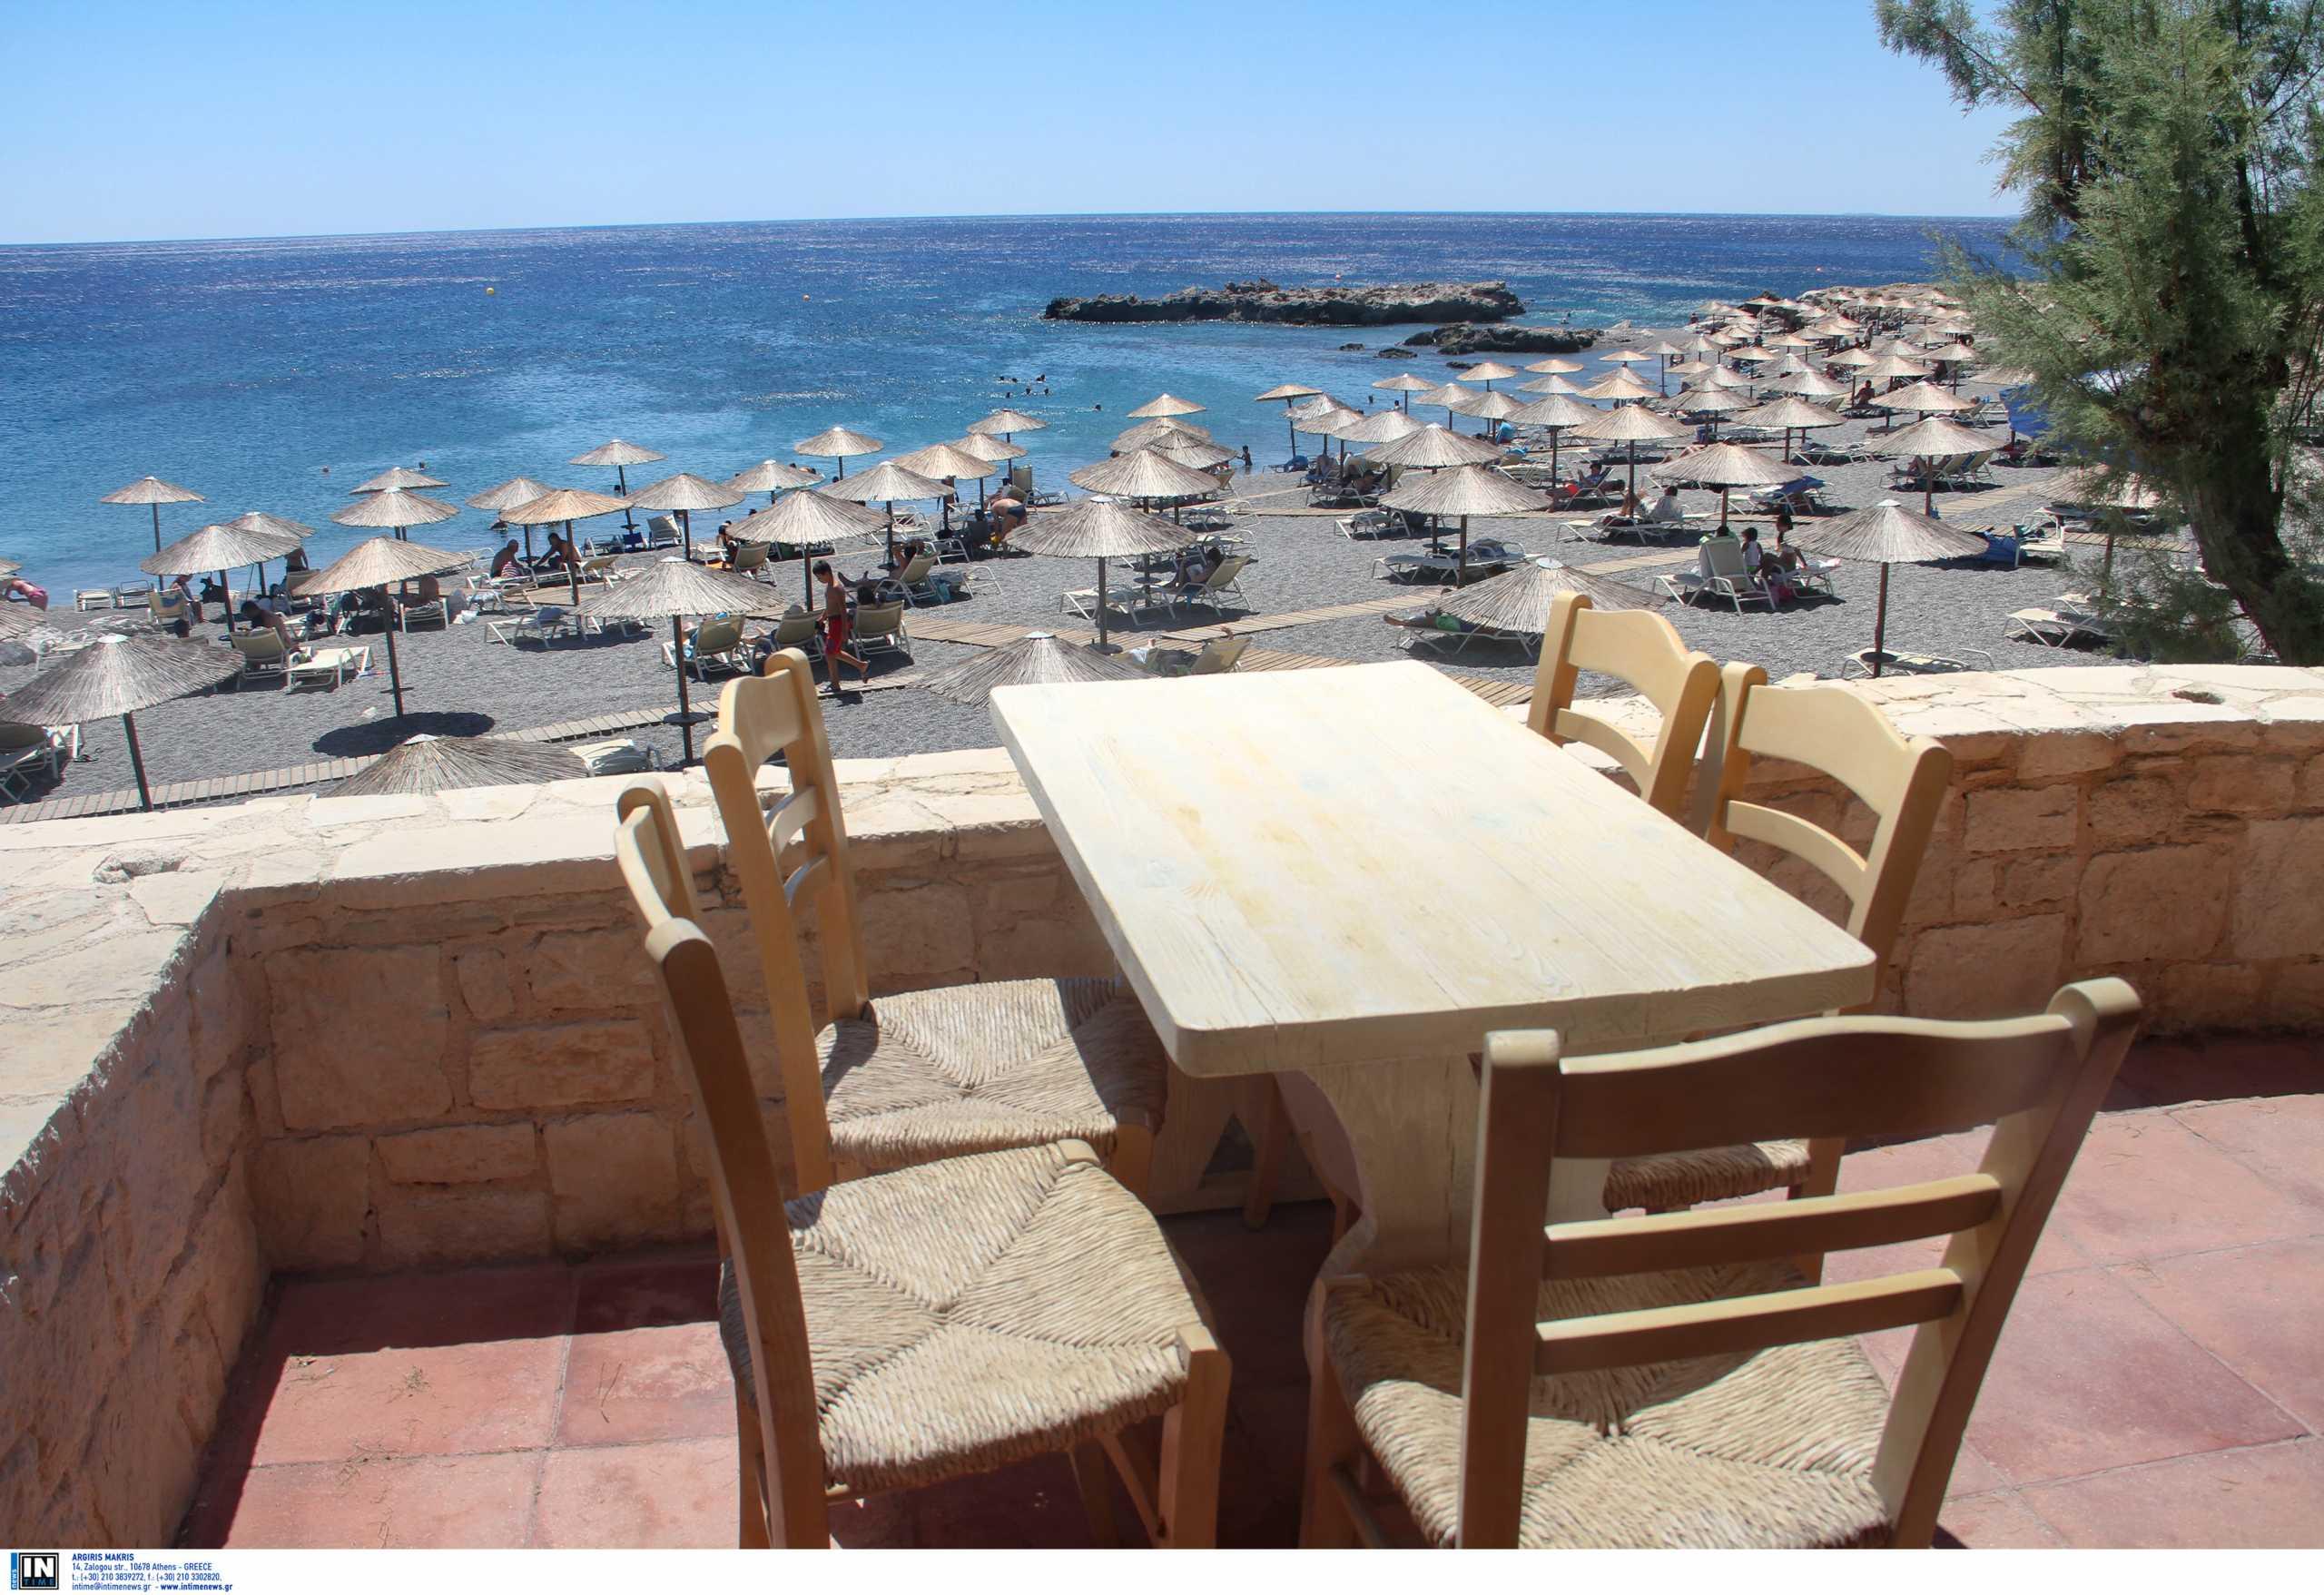 «Η Ελλάδα ονειρεύεται τουριστικό comeback το καλοκαίρι» σύμφωνα με γερμανικό δίκτυο